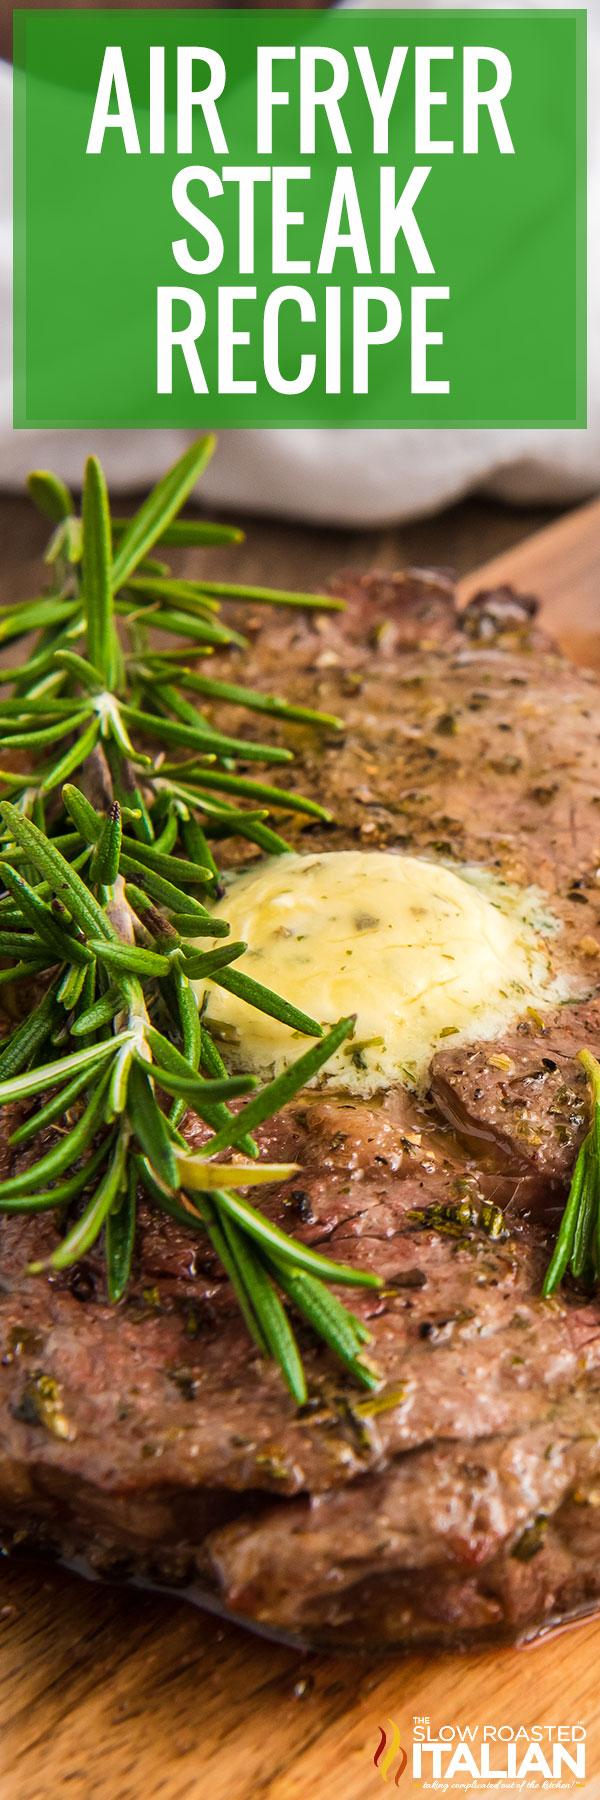 Air Fryer Steak Recipe closeup